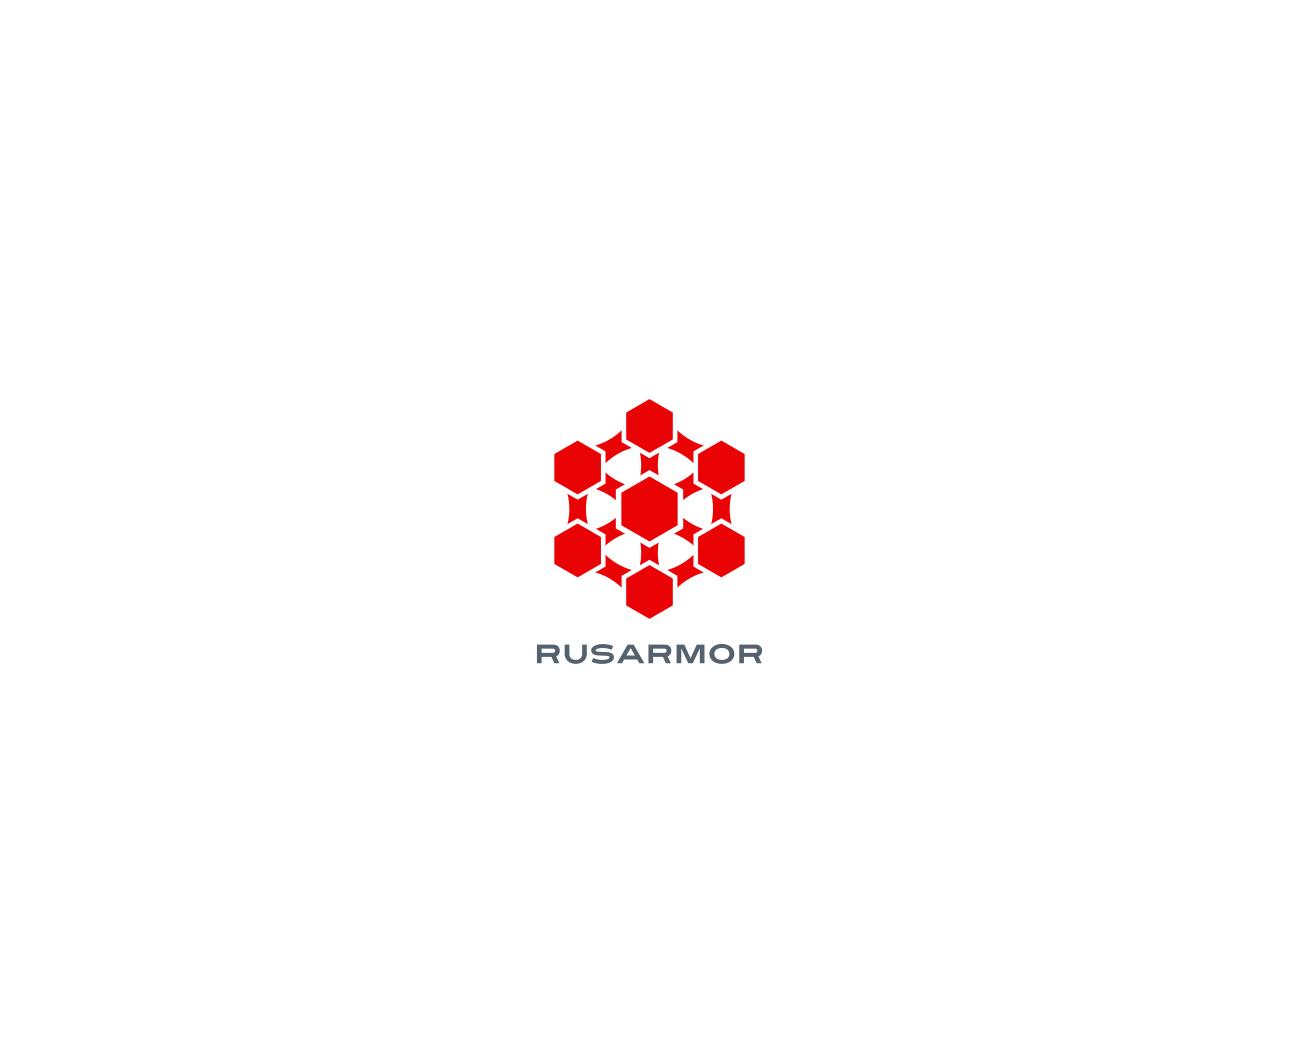 Разработка логотипа технологического стартапа РУСАРМОР фото f_1575a0e25da1726d.png